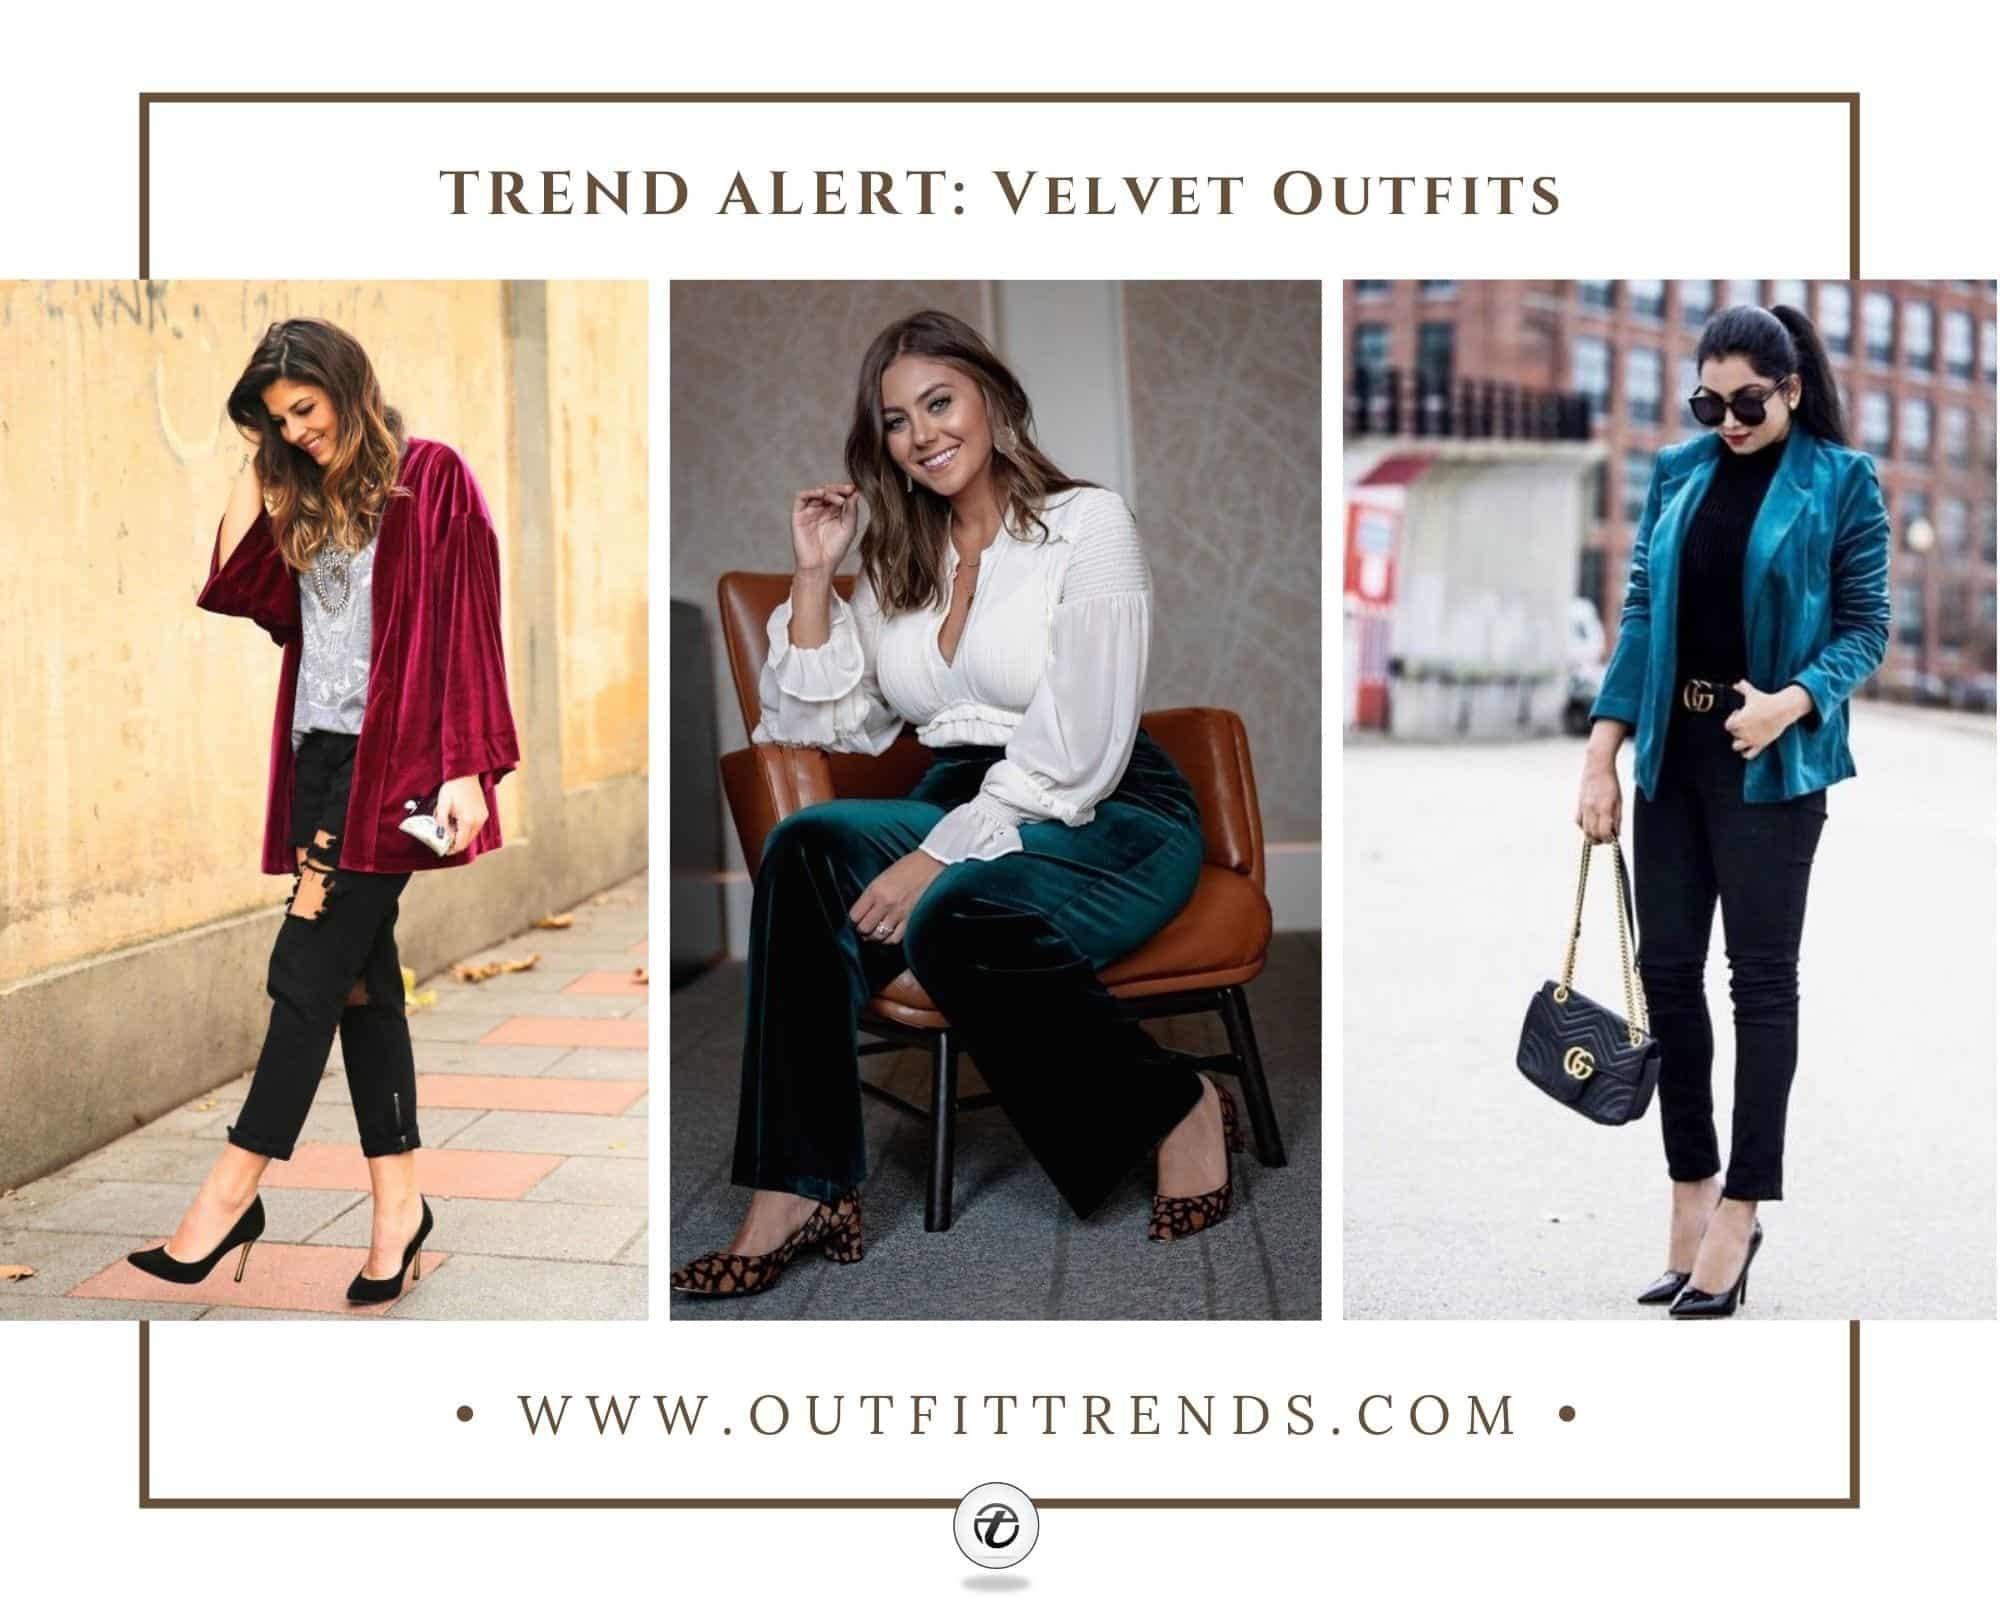 Velvet Outfit Ideas 30 Trendy Ways to Wear Velvet Dresses